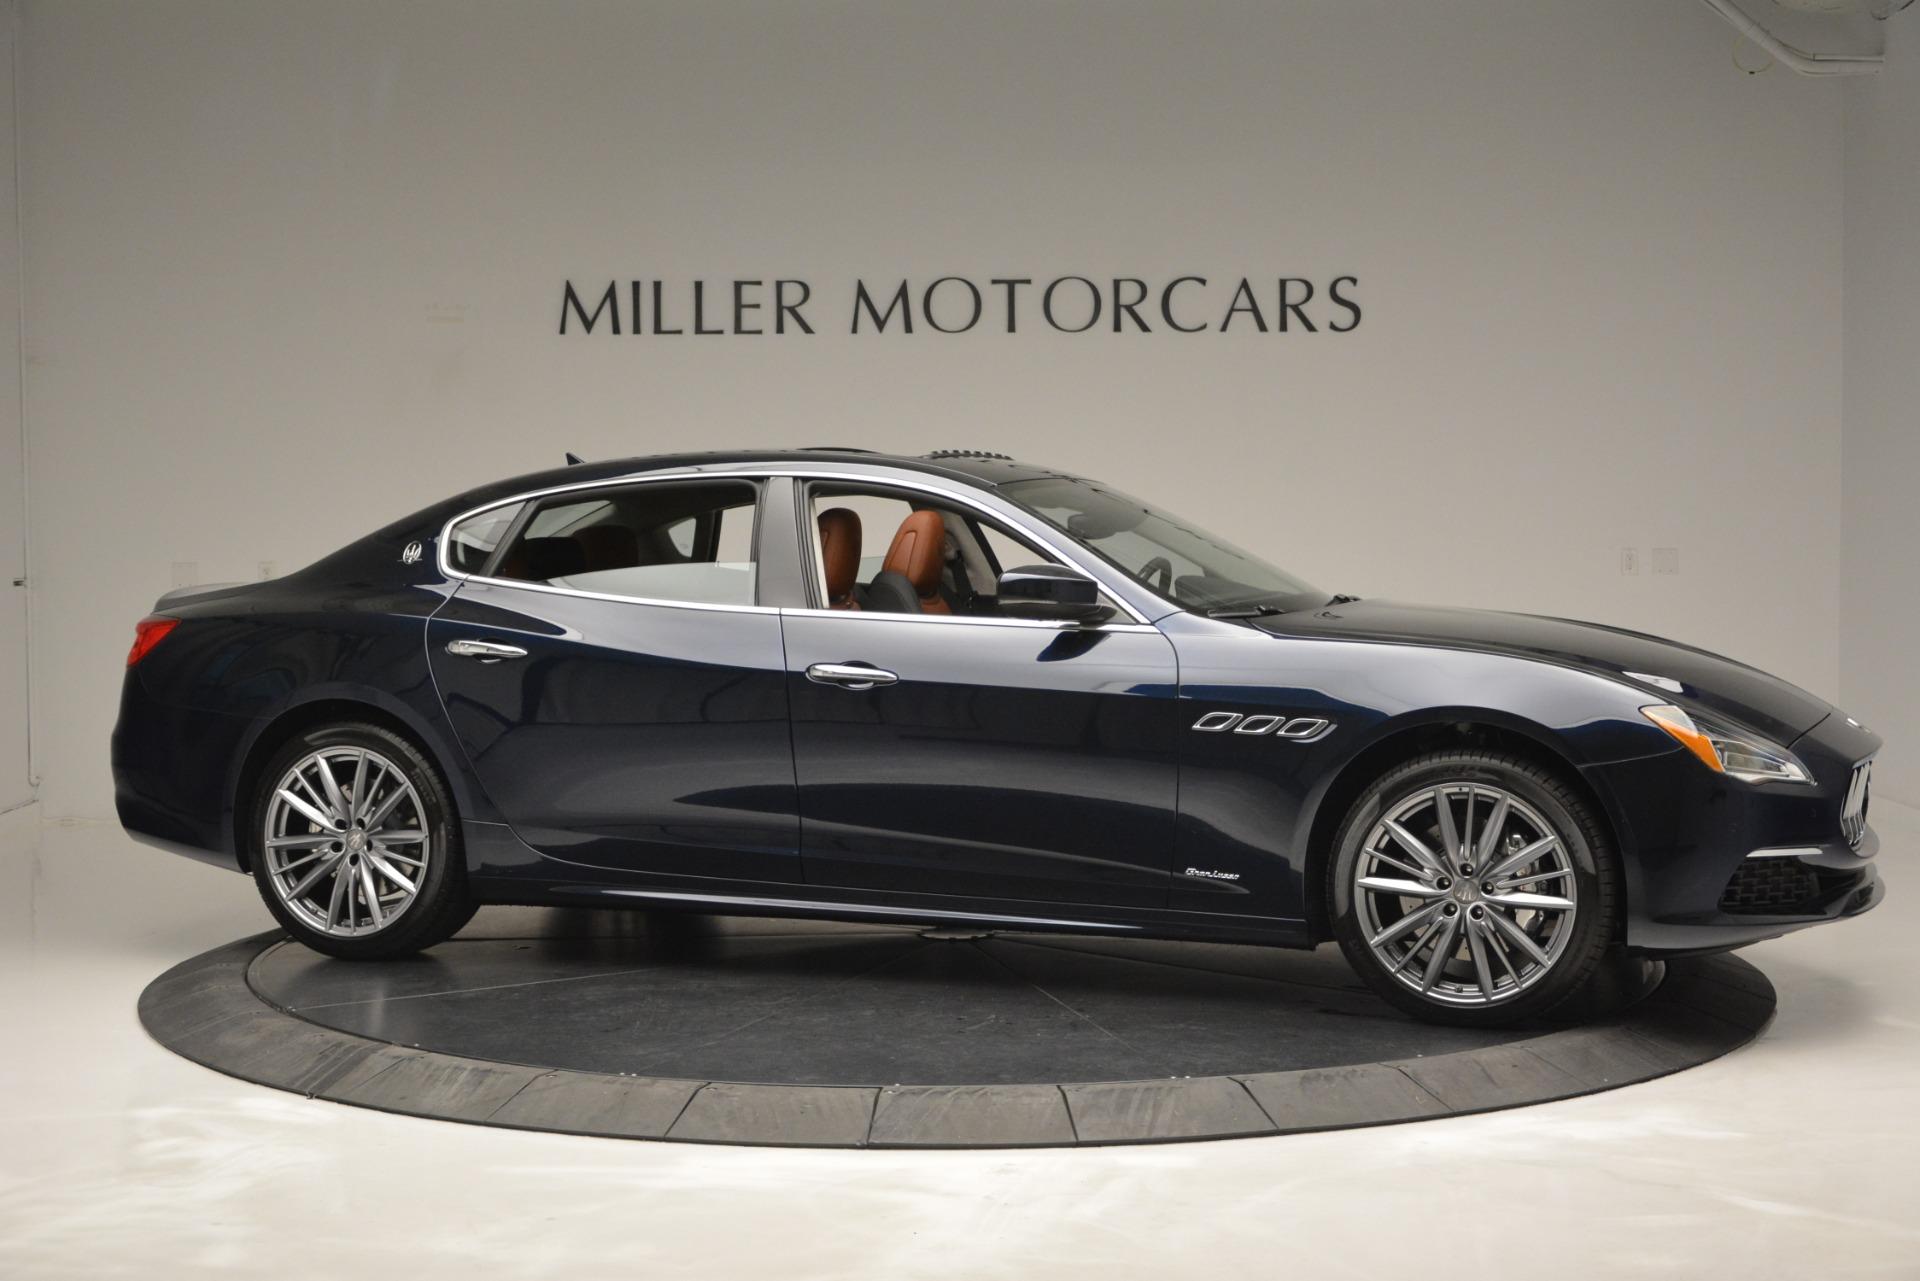 New 2019 Maserati Quattroporte S Q4 GranLusso Edizione Nobile For Sale In Greenwich, CT. Alfa Romeo of Greenwich, M2257 2898_p15